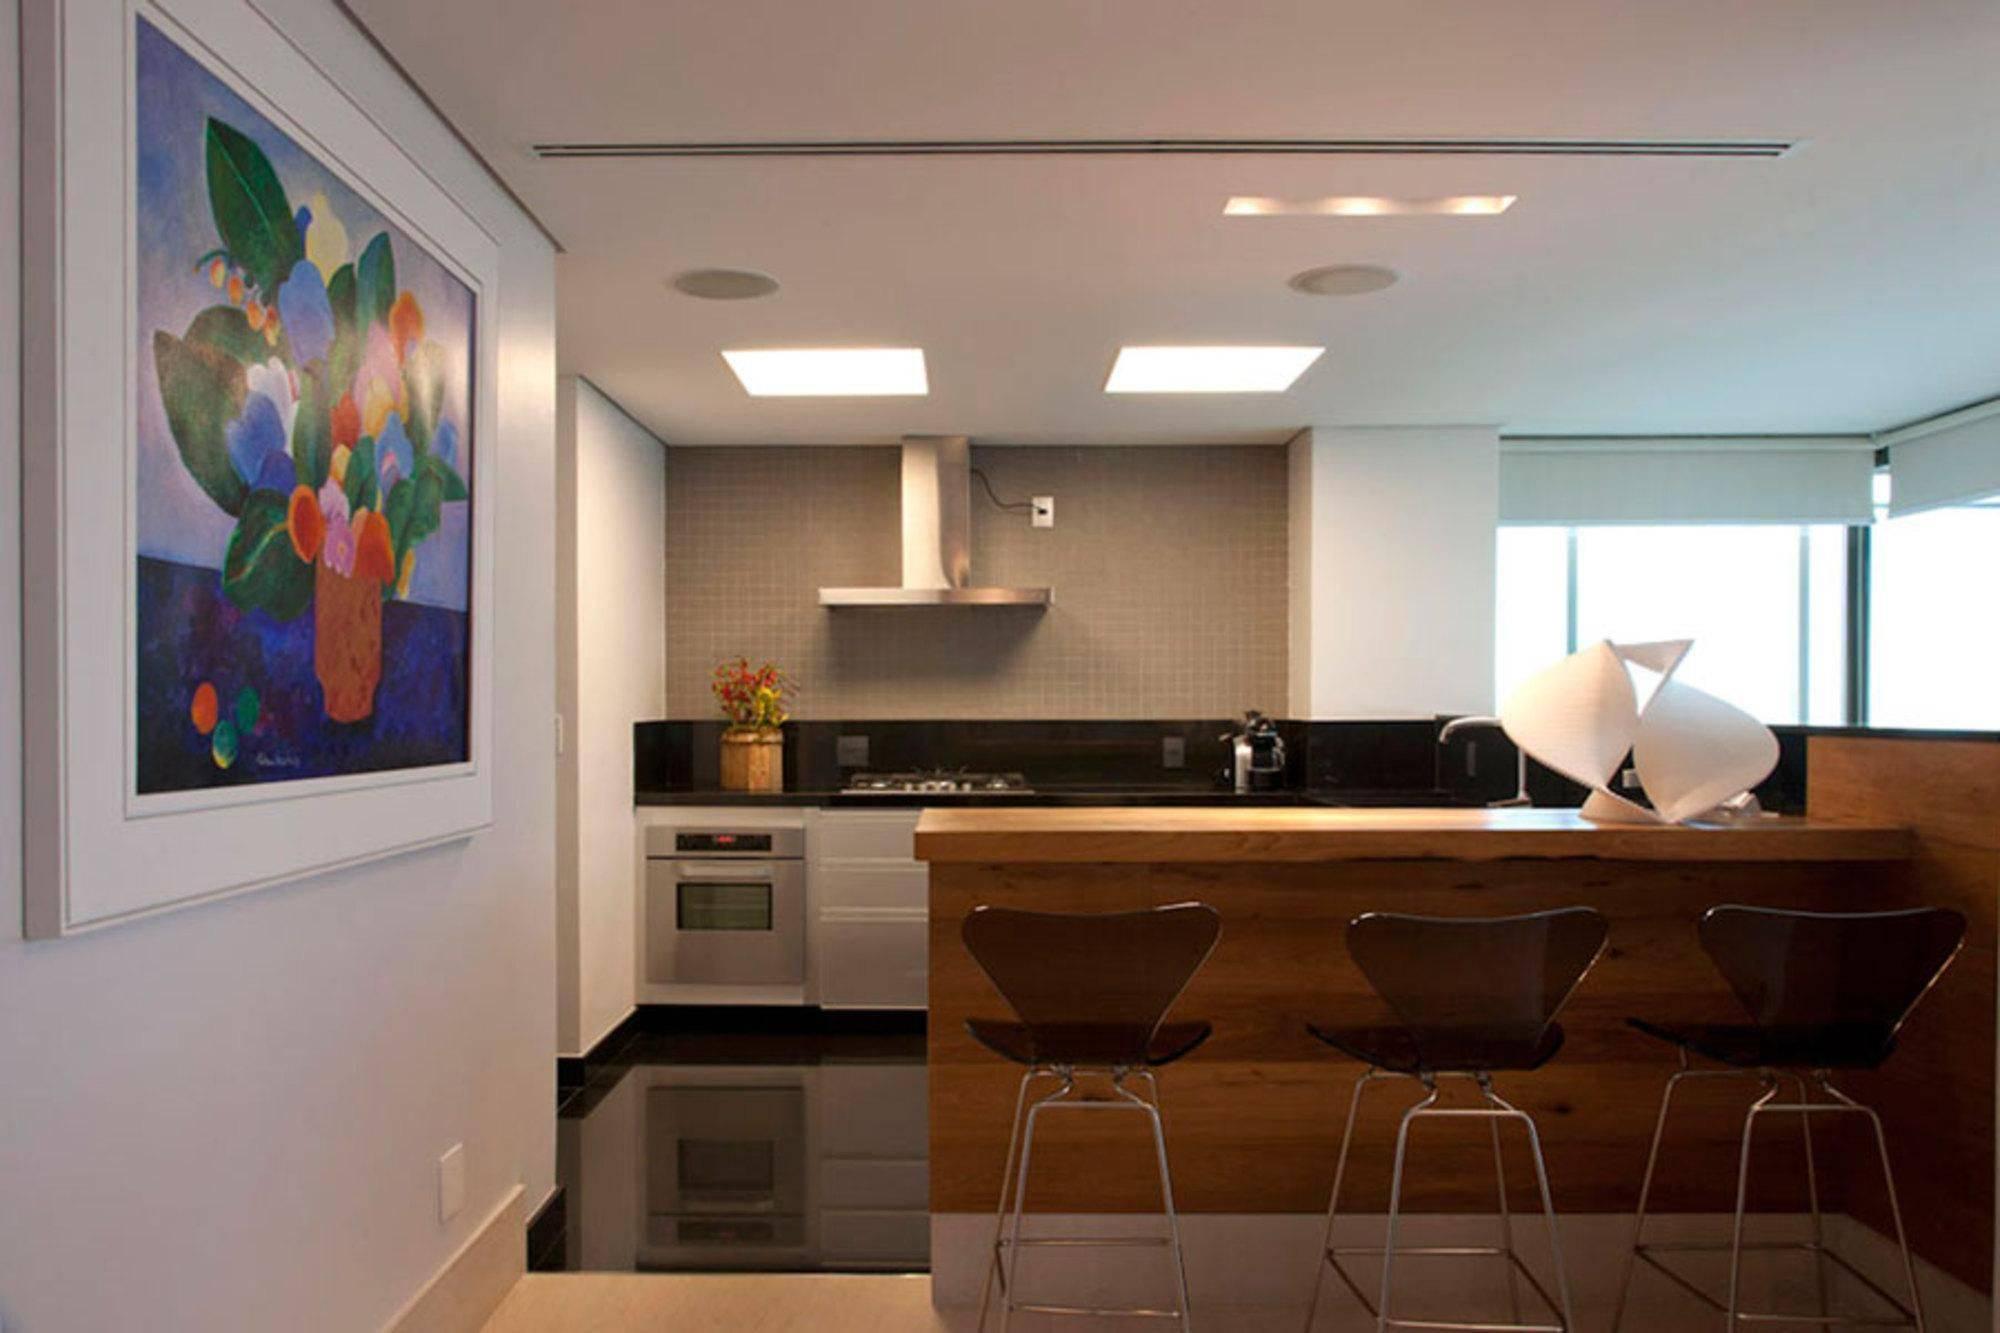 #311C12 Cozinha americana simples otimizando o espaço 2000x1333 px Balcão De Cozinha Americana Com Armario_1929 Imagens